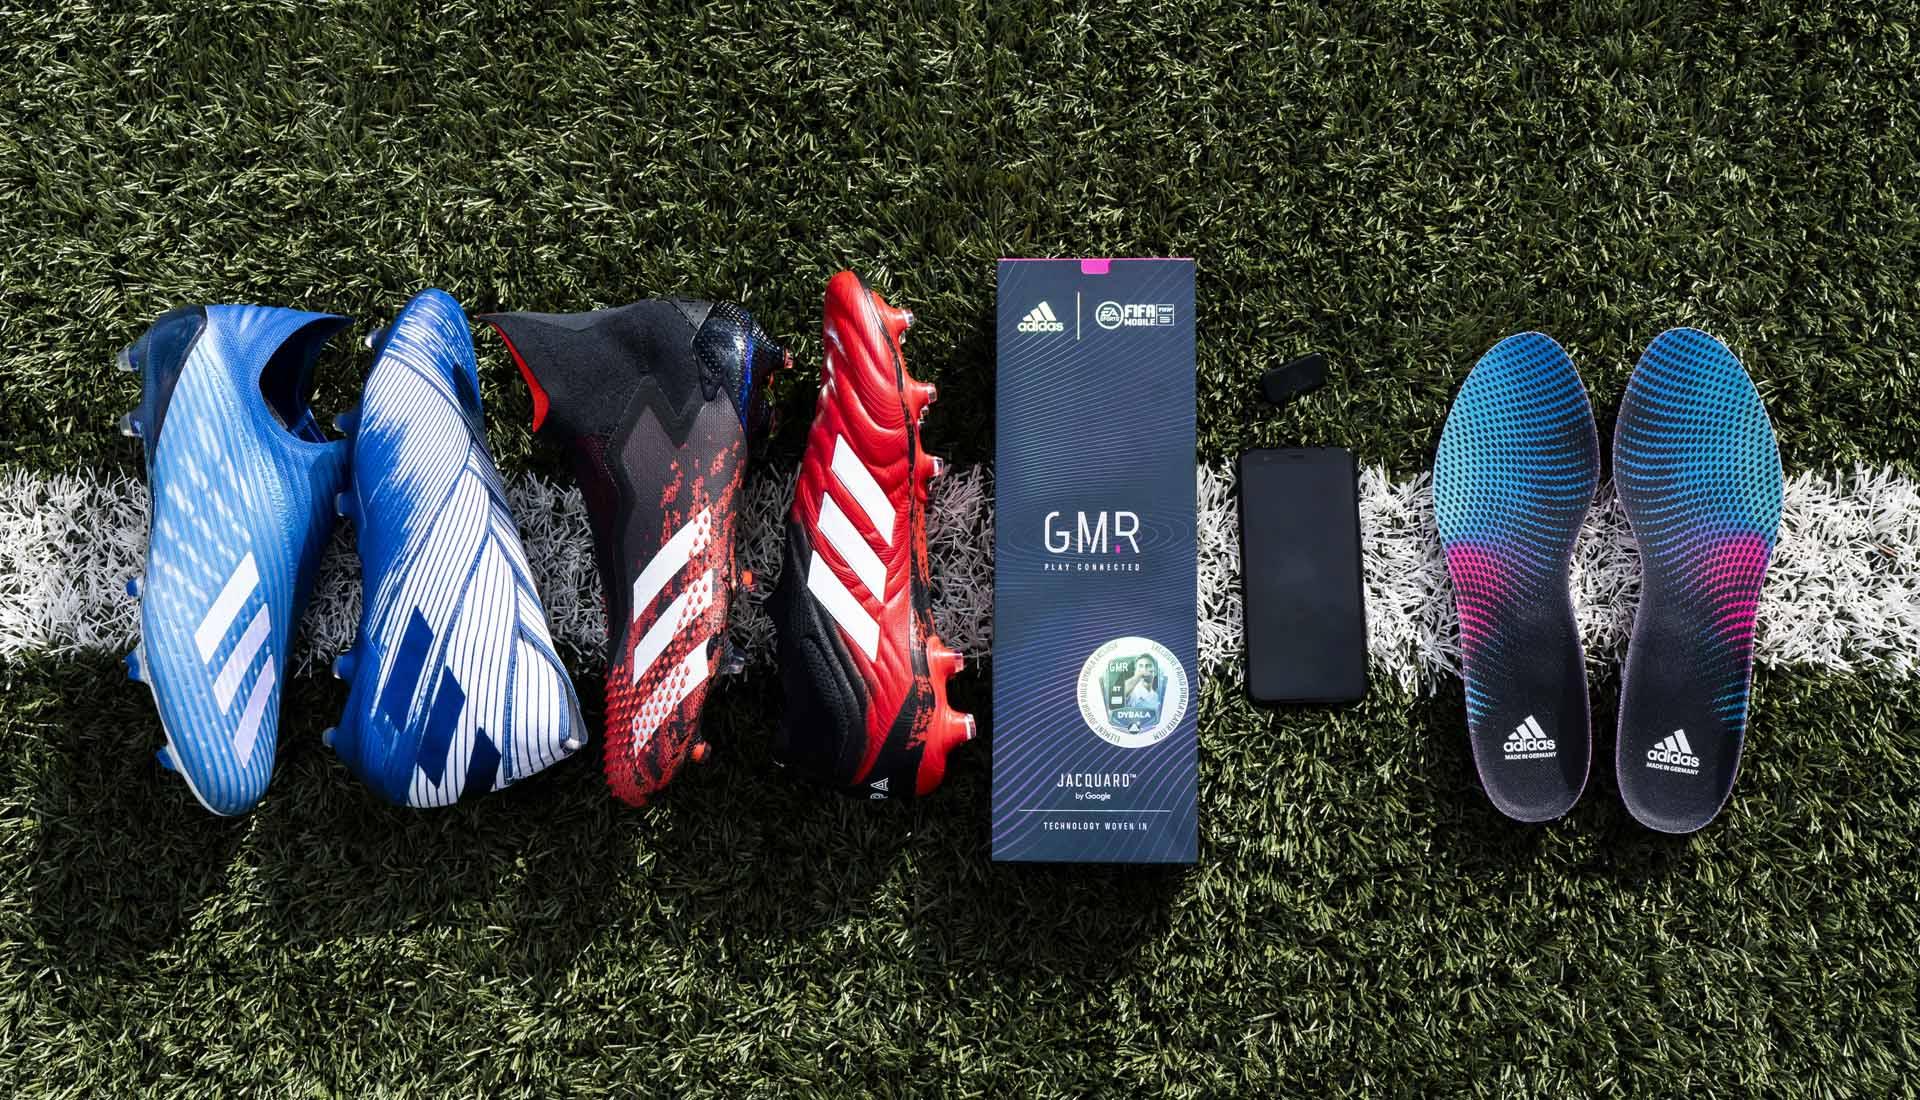 Giày đá bóng gắn chip Adidas với sự hợp tác của Adidas và EA Sports